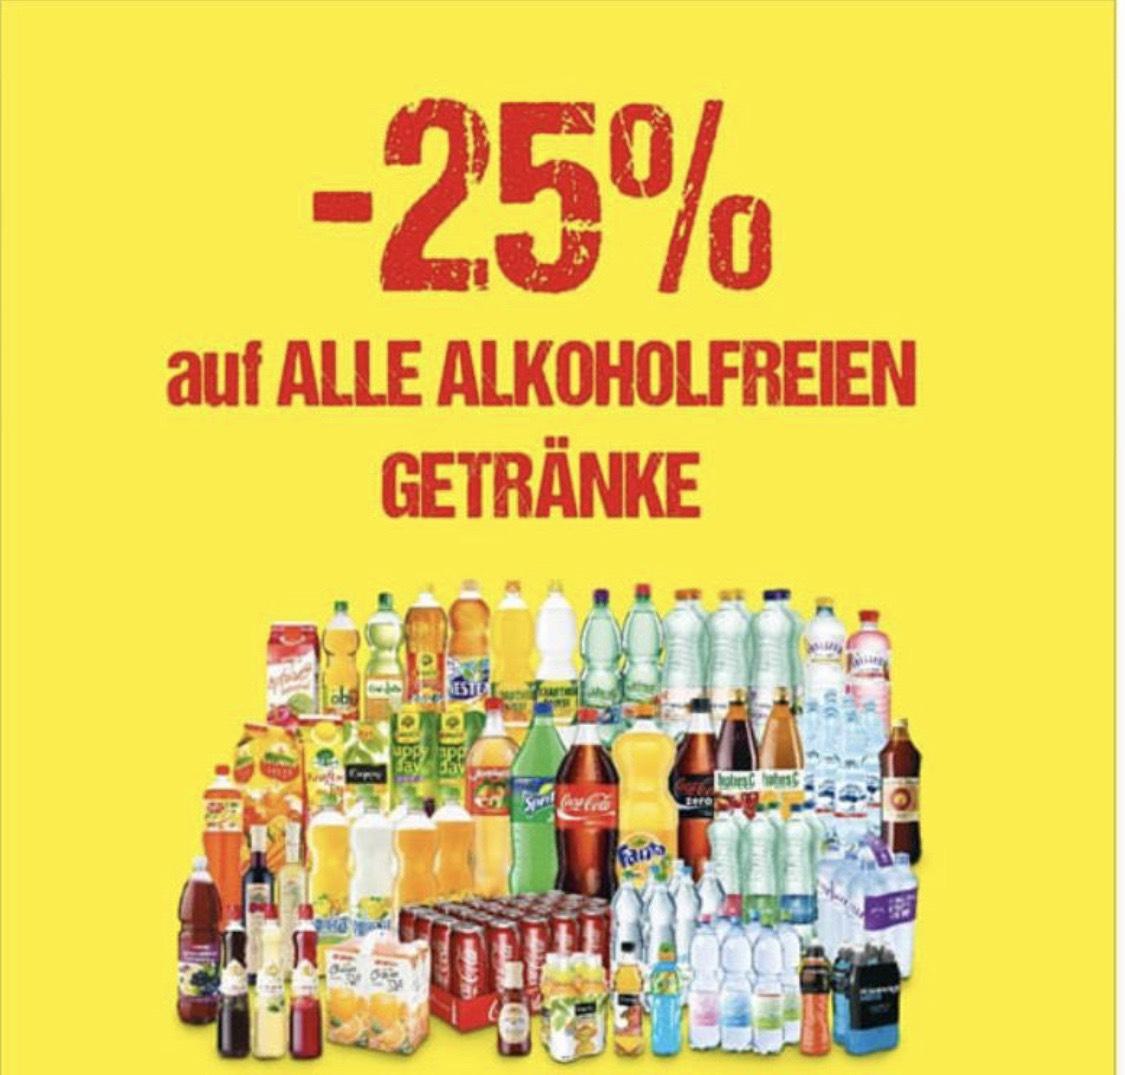 -25% auf alle alkoholfreien Getränke [Maximarkt]